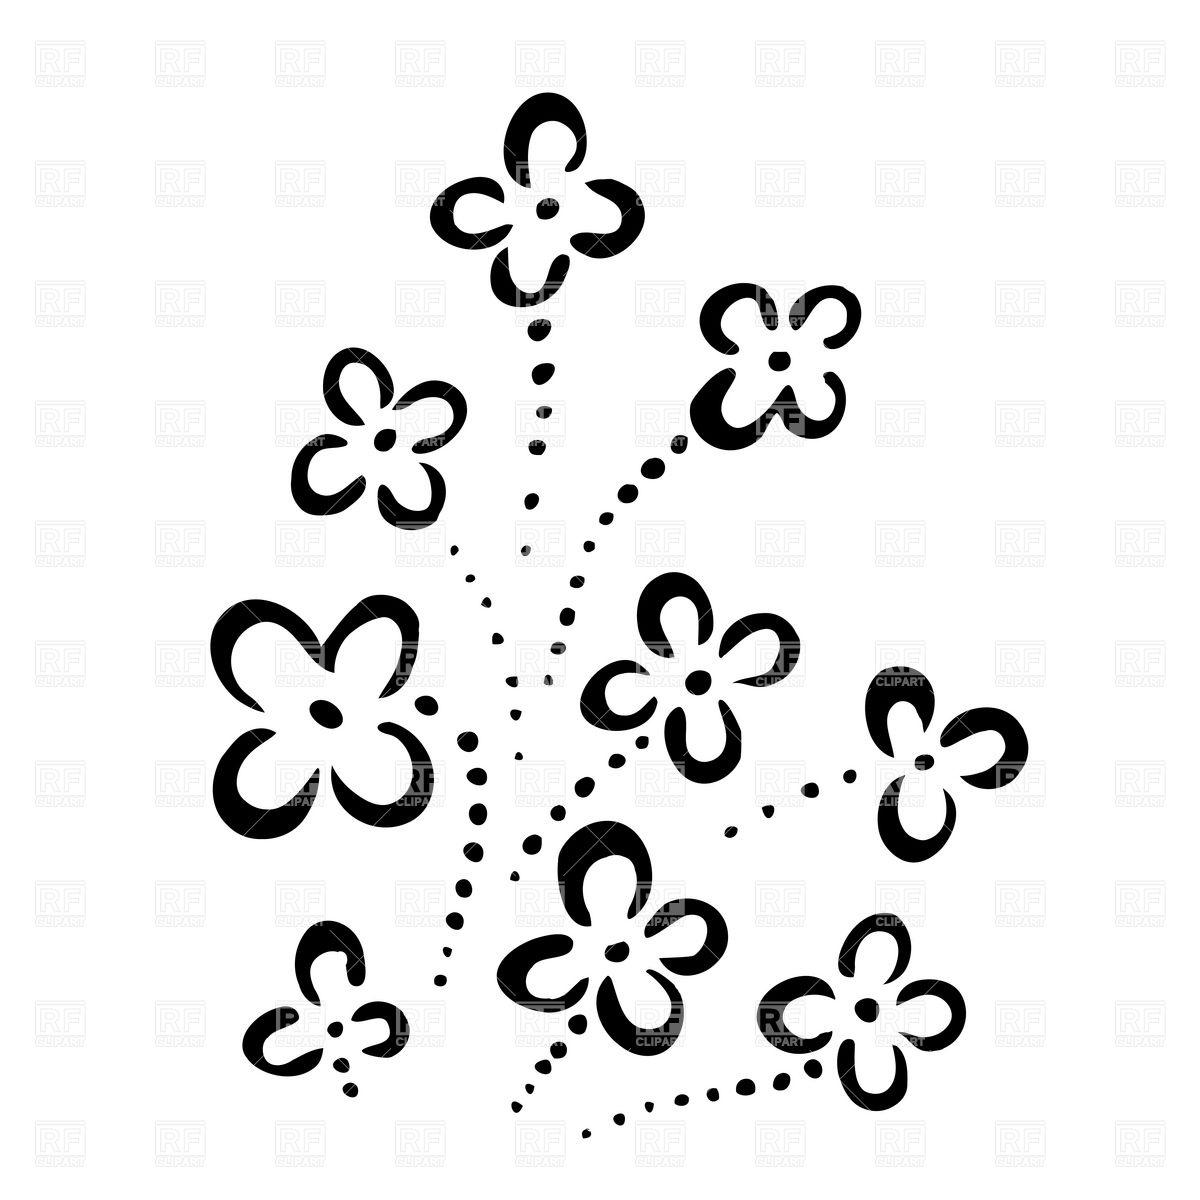 Simple Flower Designs Drawings